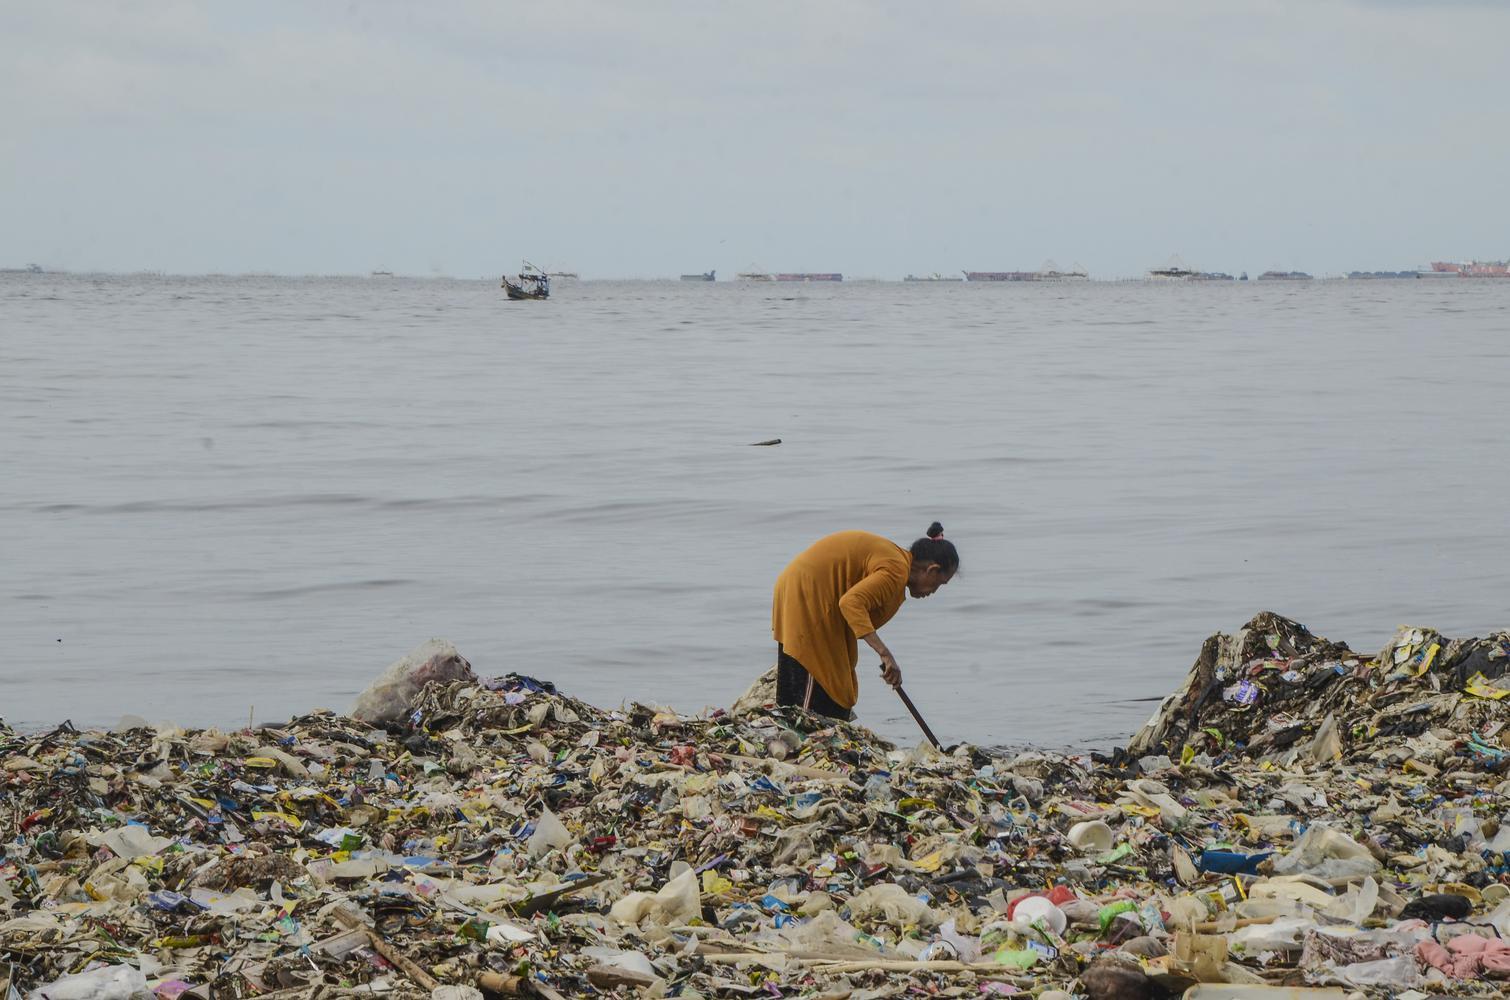 Warga beraktivitas di sekitar tumpukan sampah Pesisir laut Cilincing, Jakarta Utara, Selasa (10/12/2019). Sampah plastik yang menumpuk di sekitar pesisir laut Cilincing membahayakan kehidupan Biota Laut dan warga sekitar.